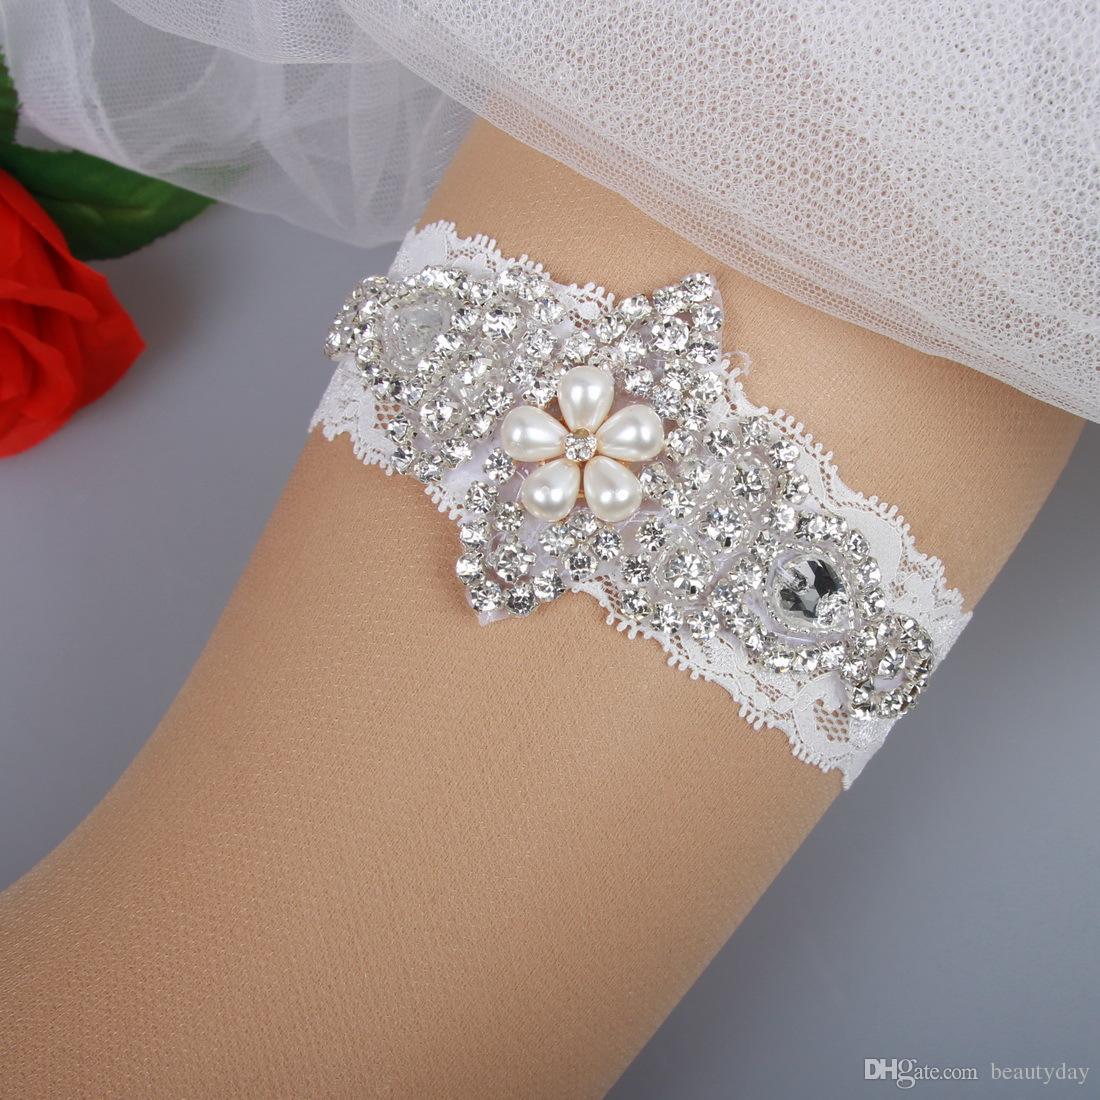 Bridal Strumpfbänder Lace Strass Perlen Perlen Vintage Prom Heimkehr Hochzeit Strumpfband Set Braut Strumpfband Set Plus Size